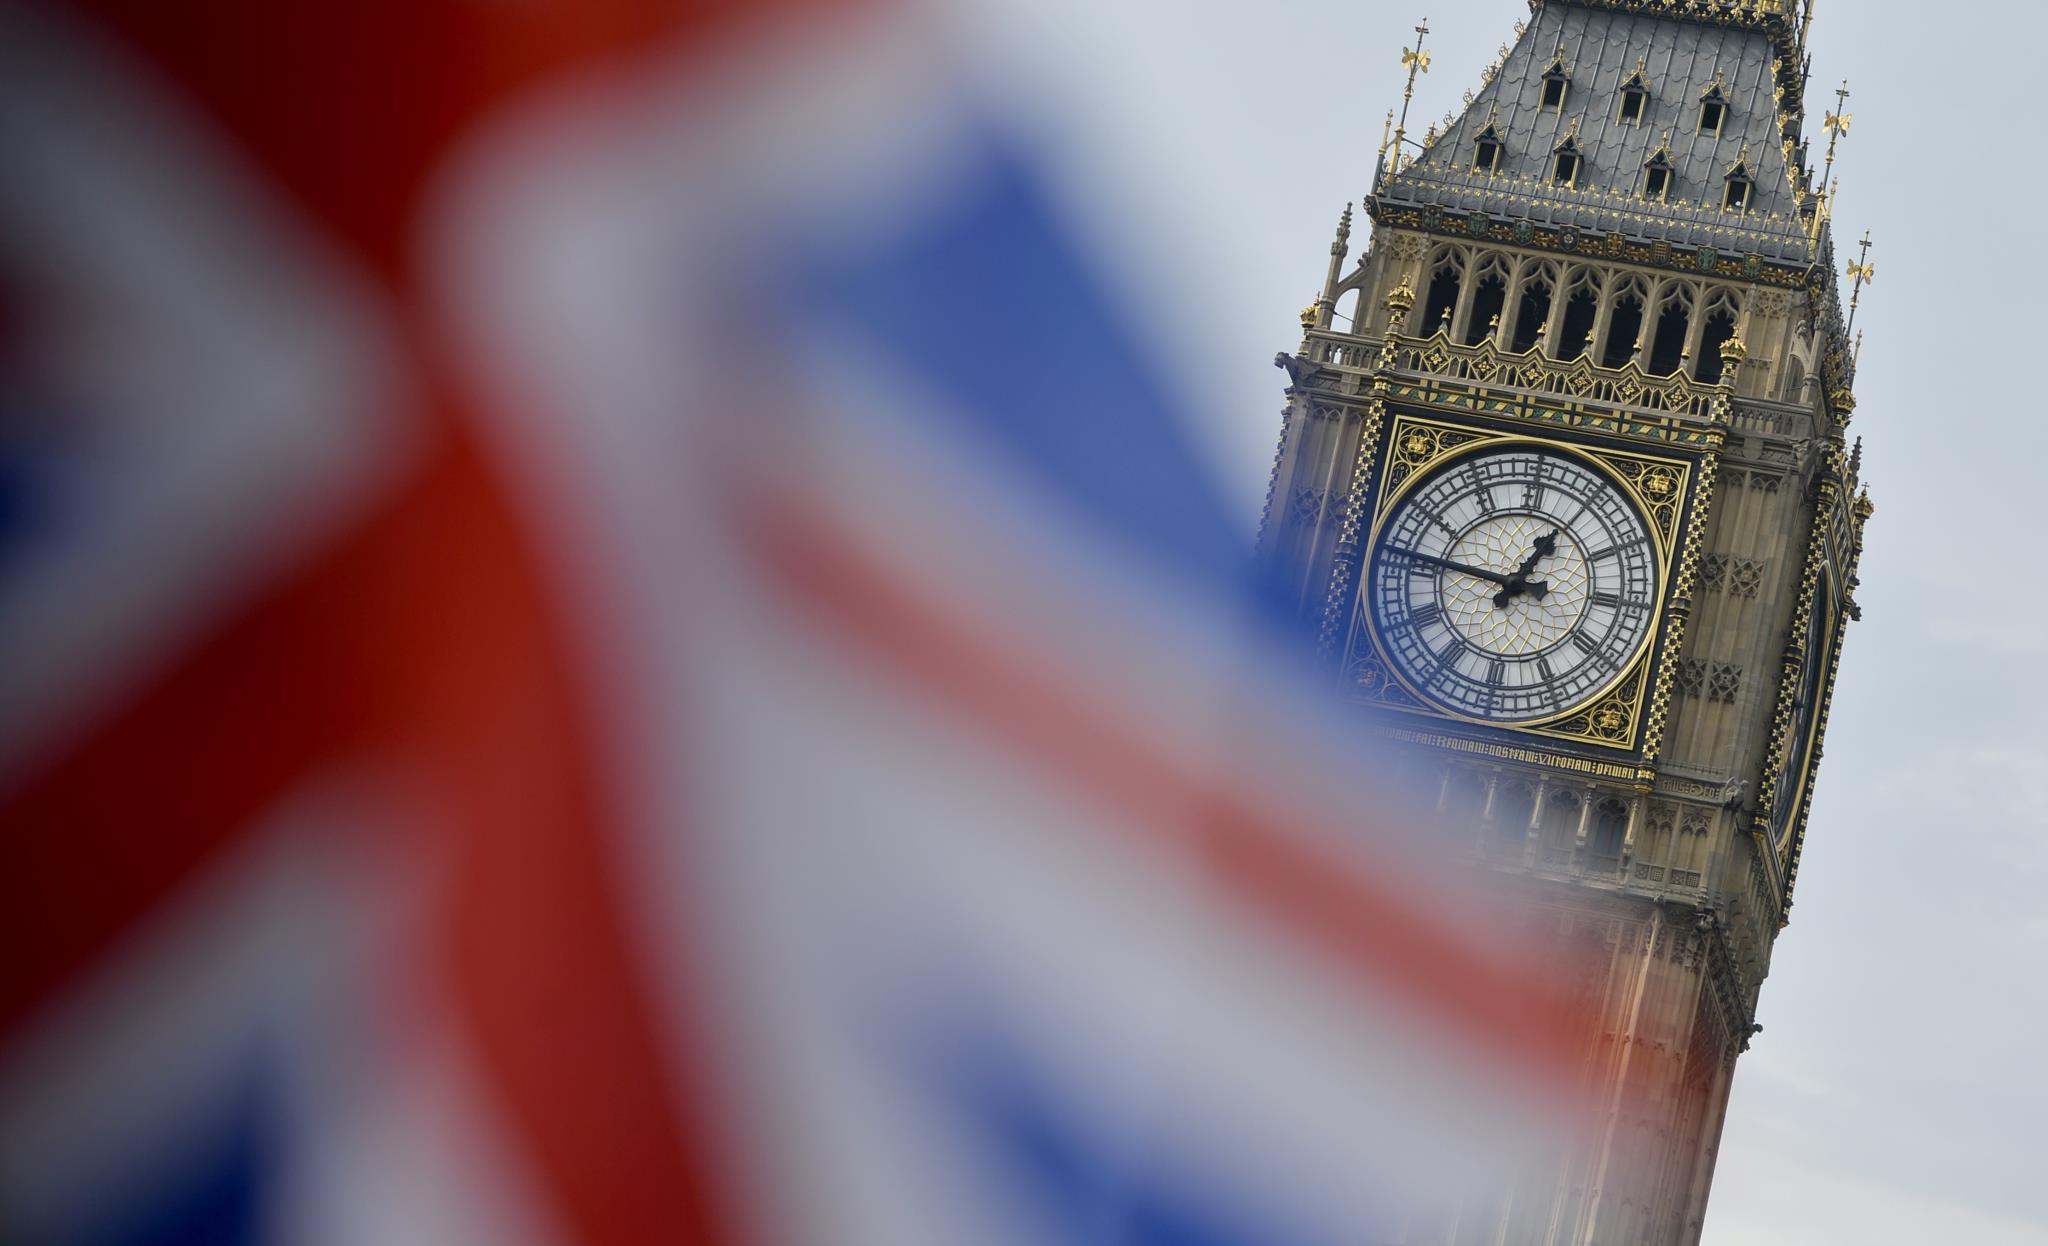 PÚBLICO - Morte de jovem português em Londres após operação policial investigada